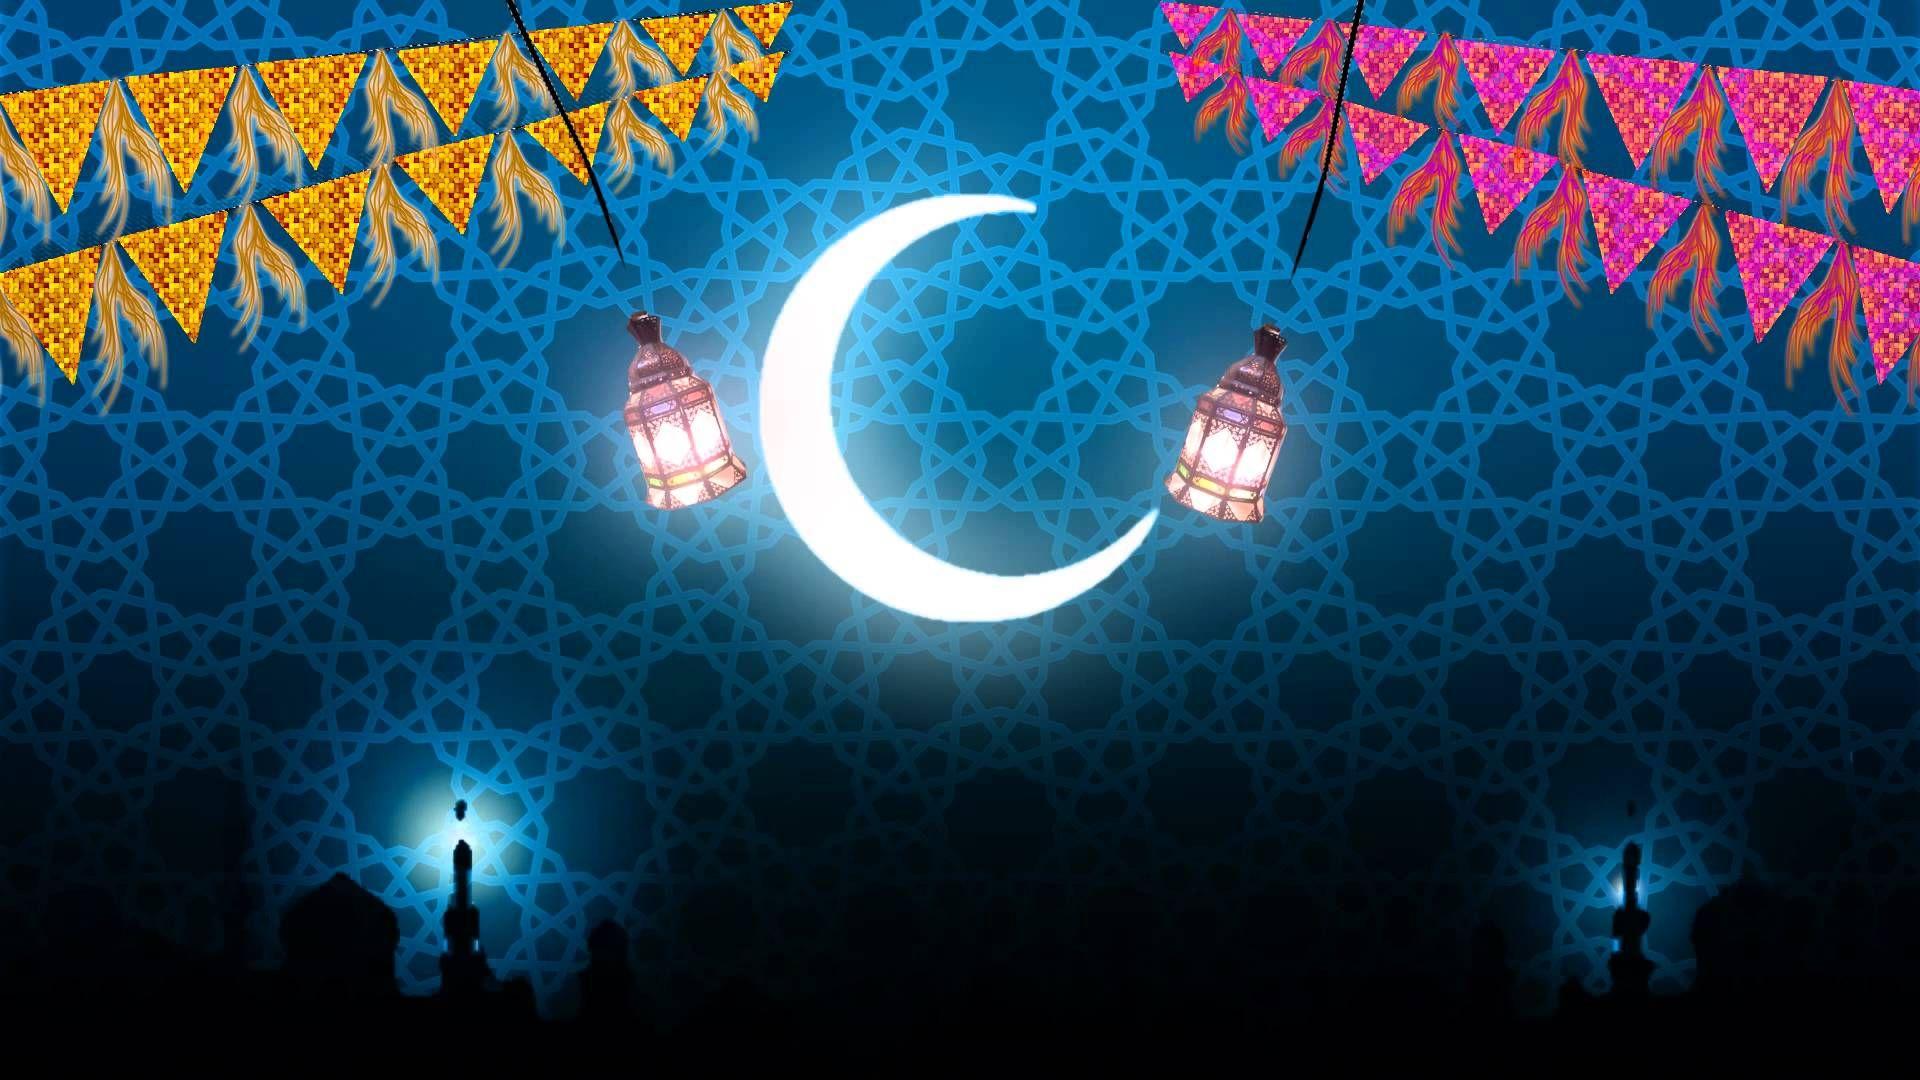 Desertrose اللهــــم في شهر رمضان المبارك نحمدك ربنا على نعمة الإسلام ولك الحمد في الشده و الرخاء لك الحمد على حلمك بعد علمك ل Ramadan Abstract Eid Mubarak